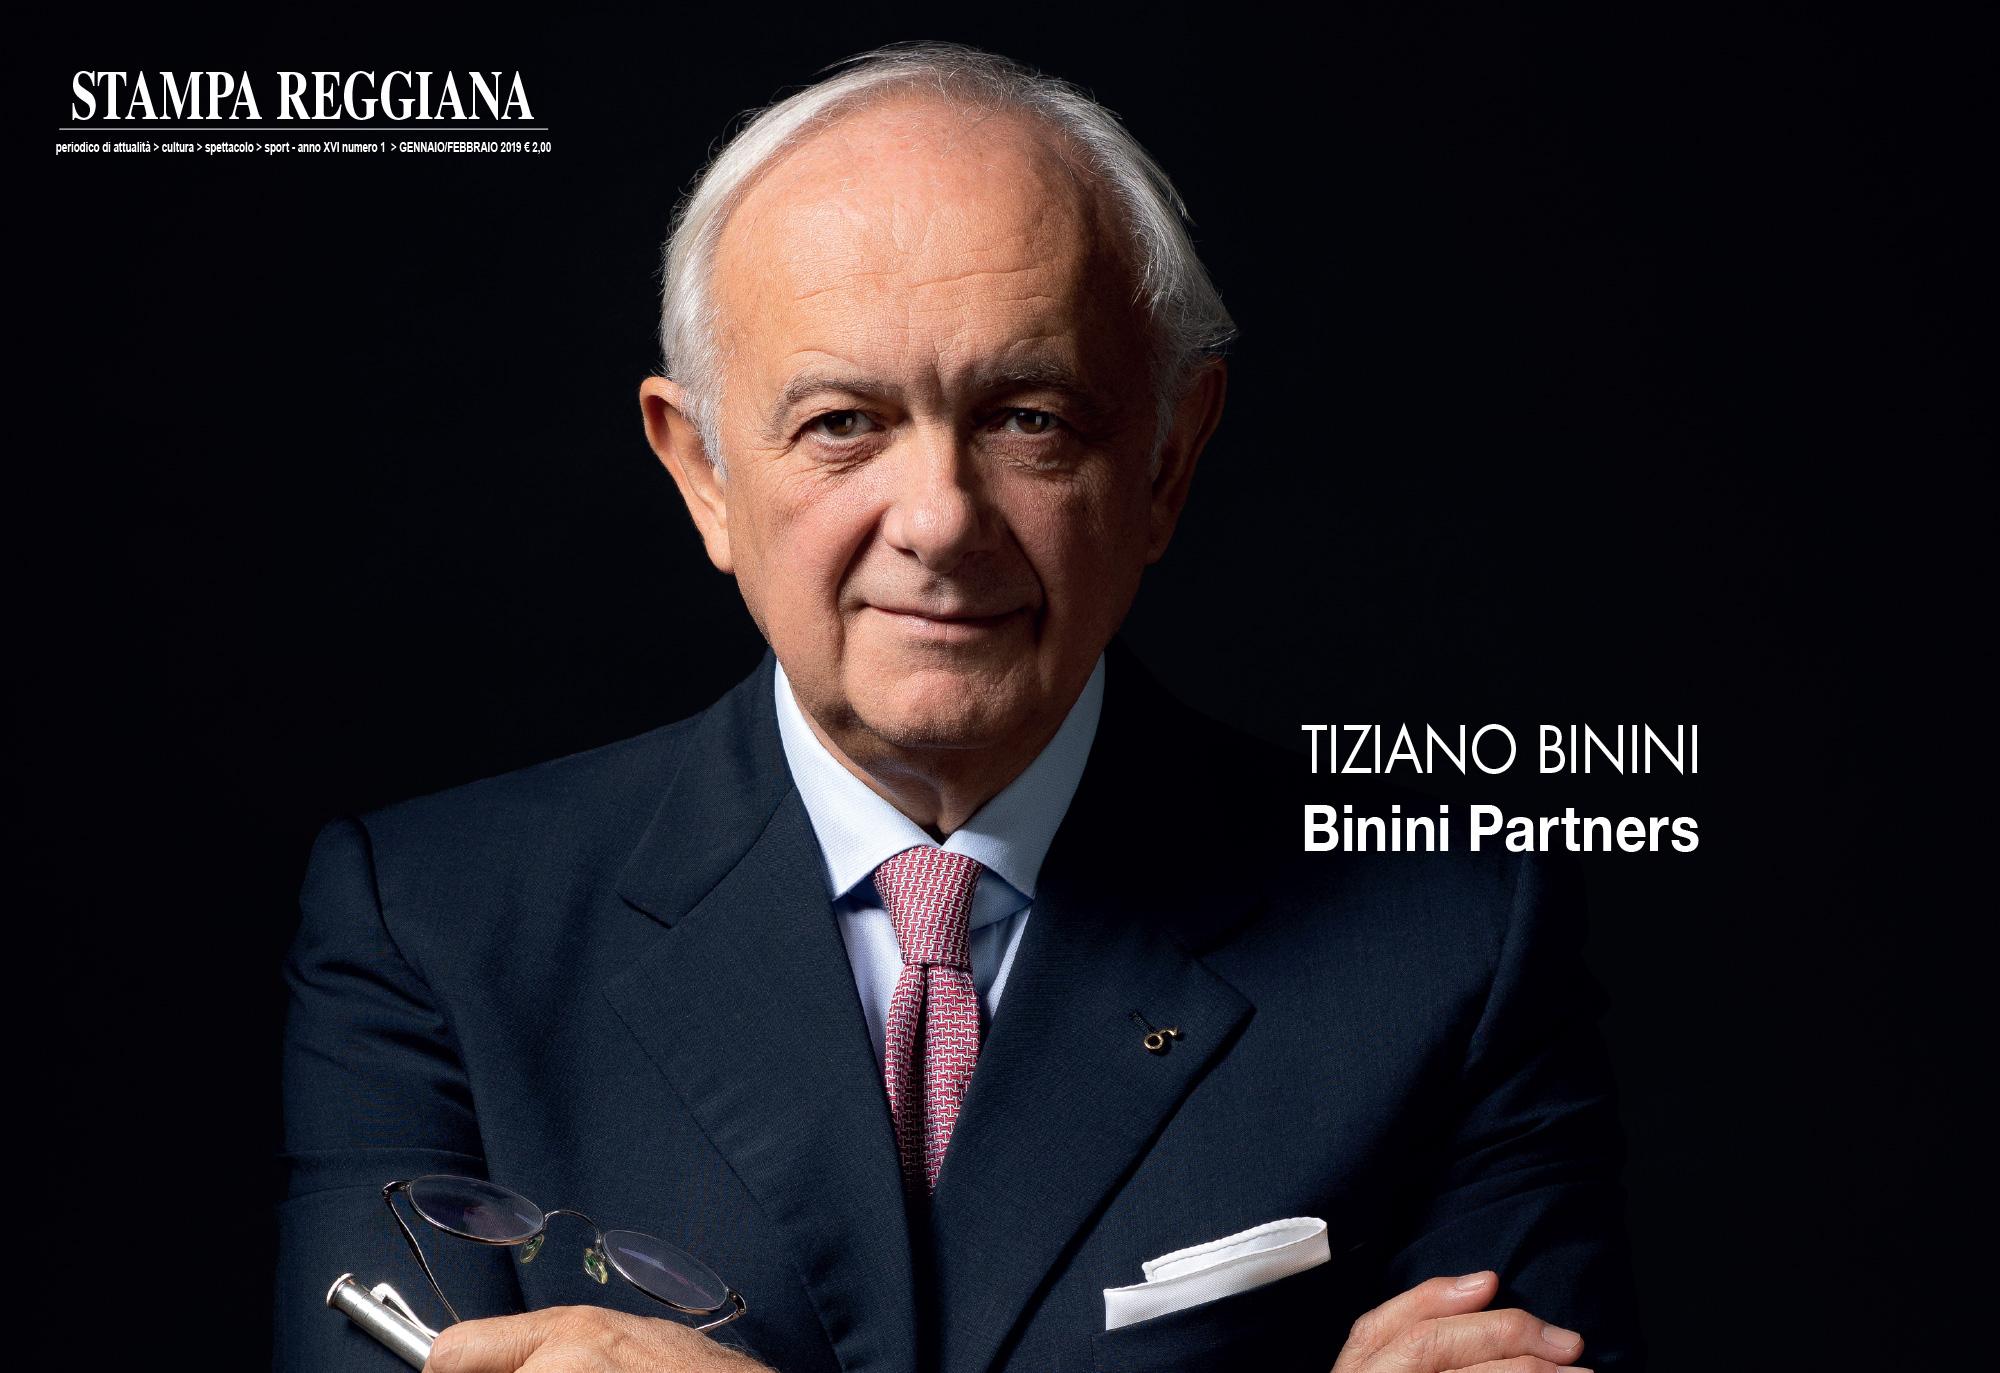 Intervista a Tiziano Binini, Stampa Reggiana, gen/feb 2019, Binini Partners, Società di architettura e ingegneria